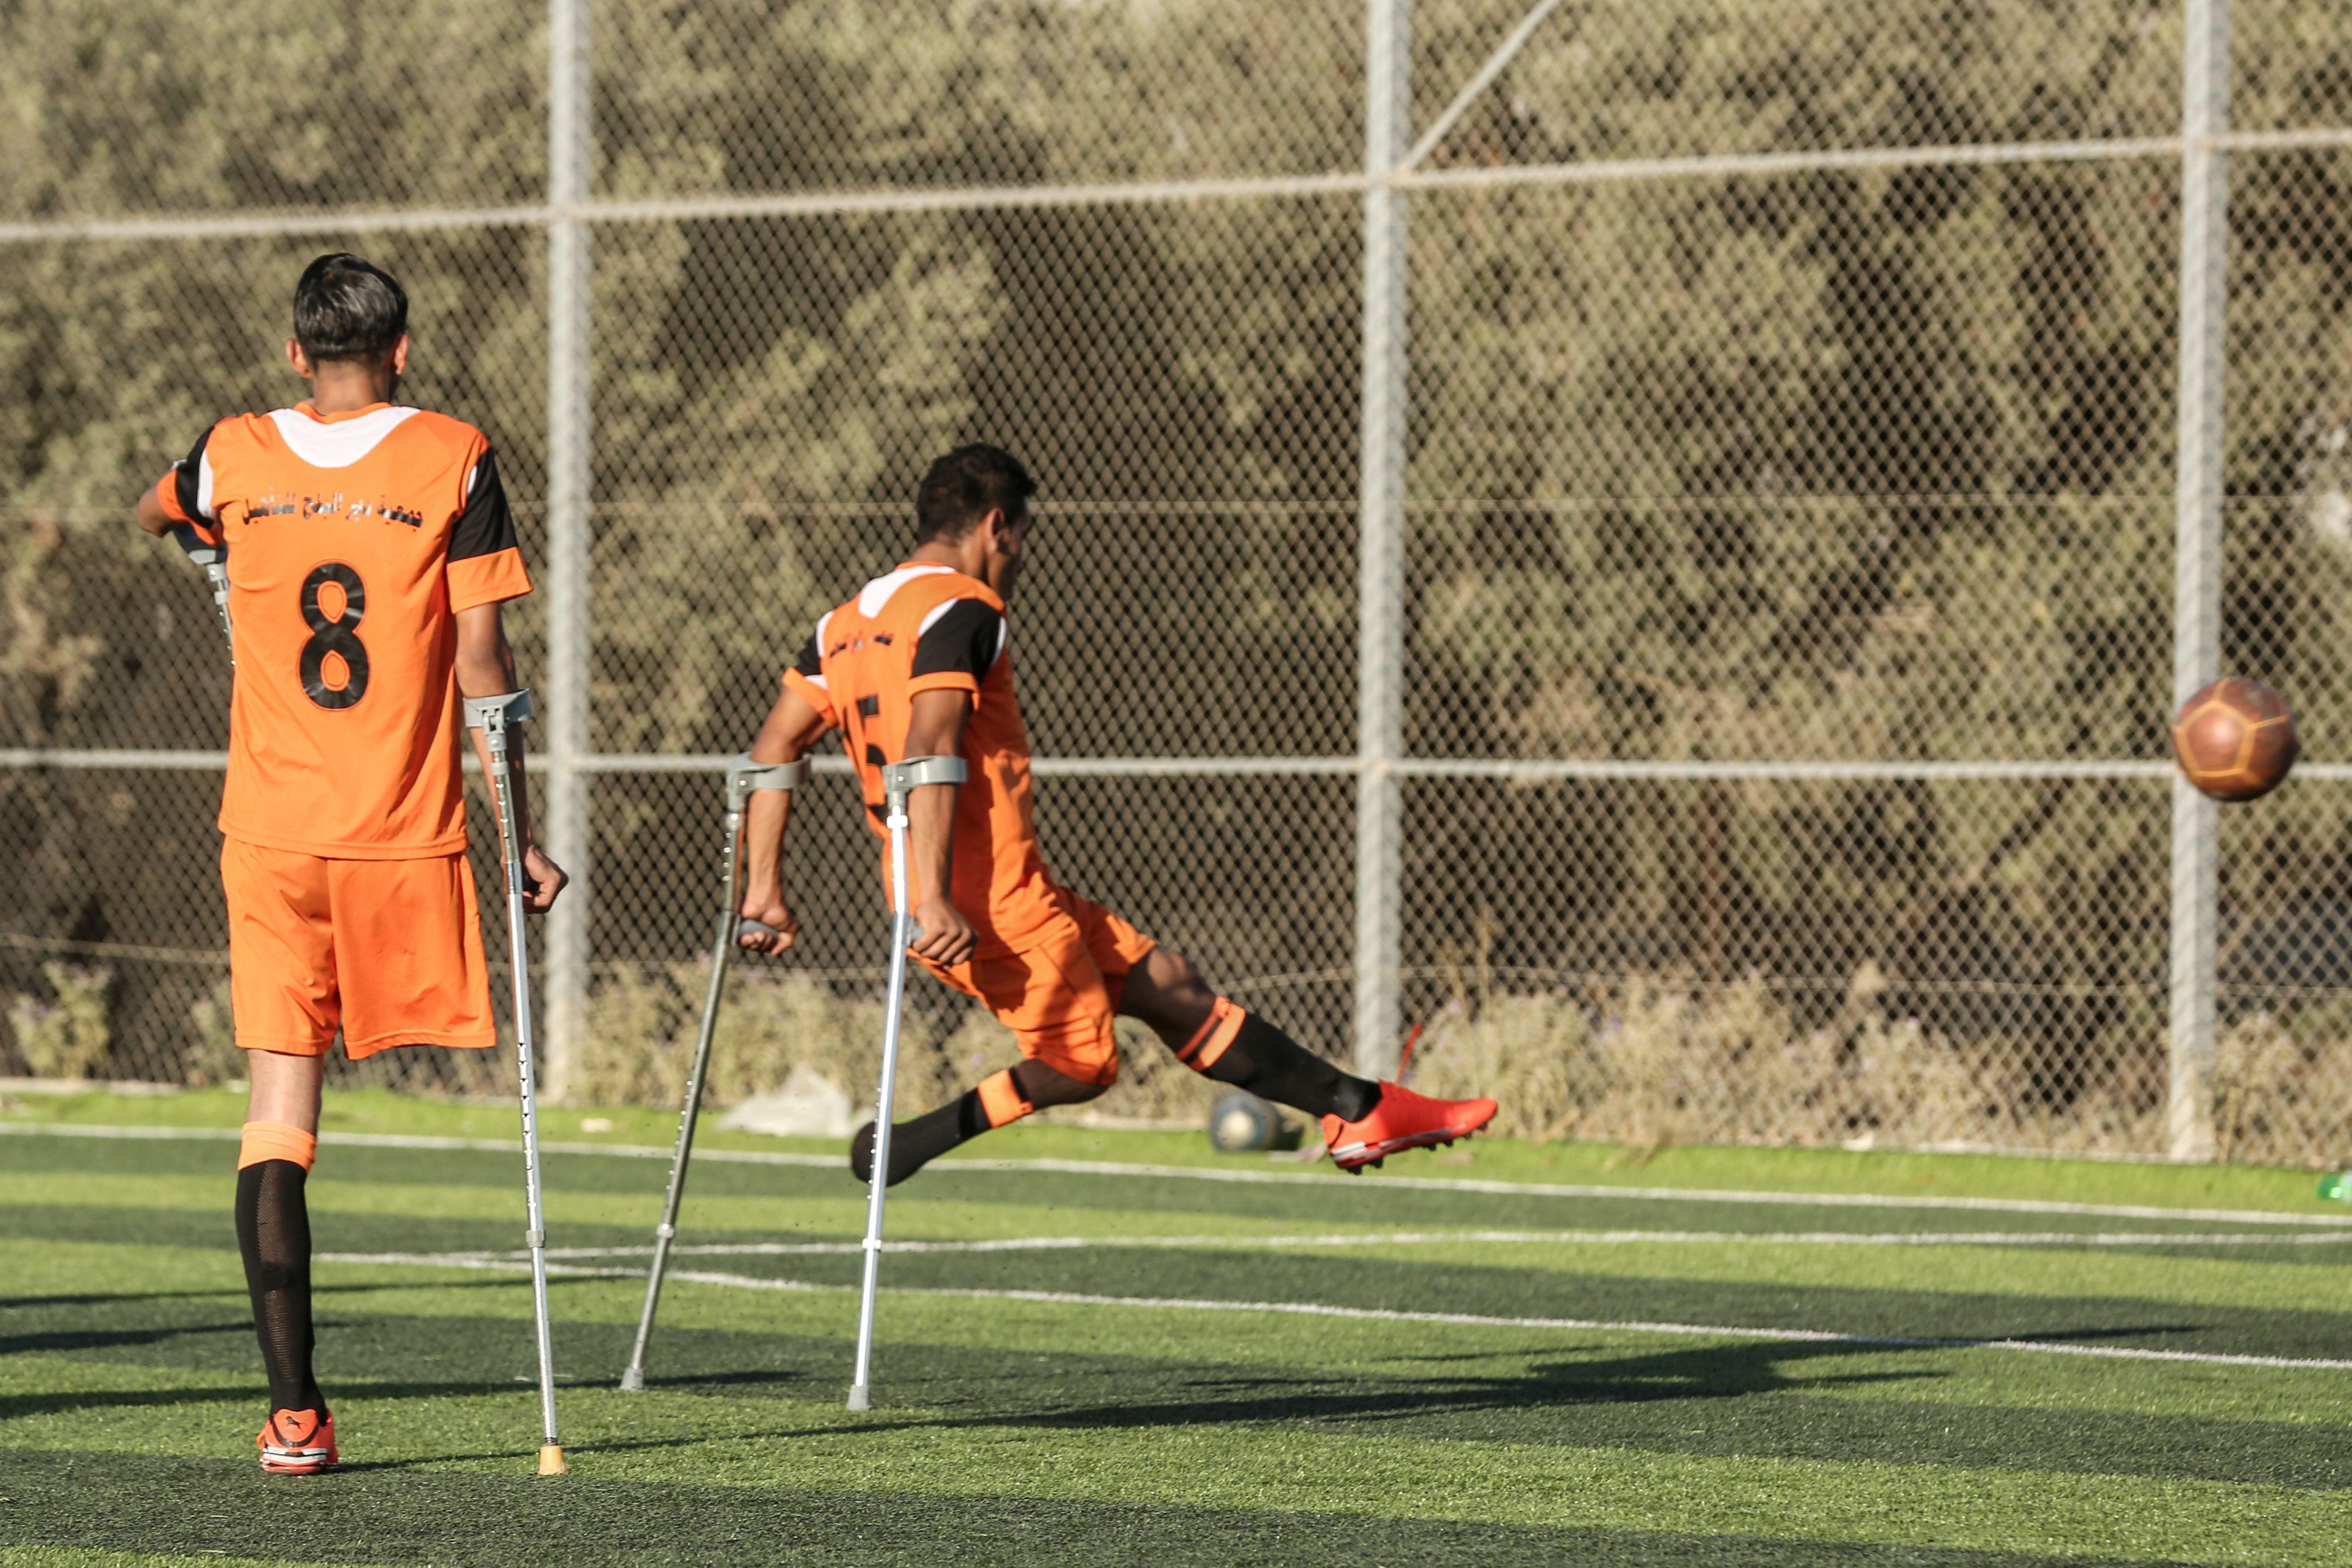 تمرين فريق كرة القدم فى غزة